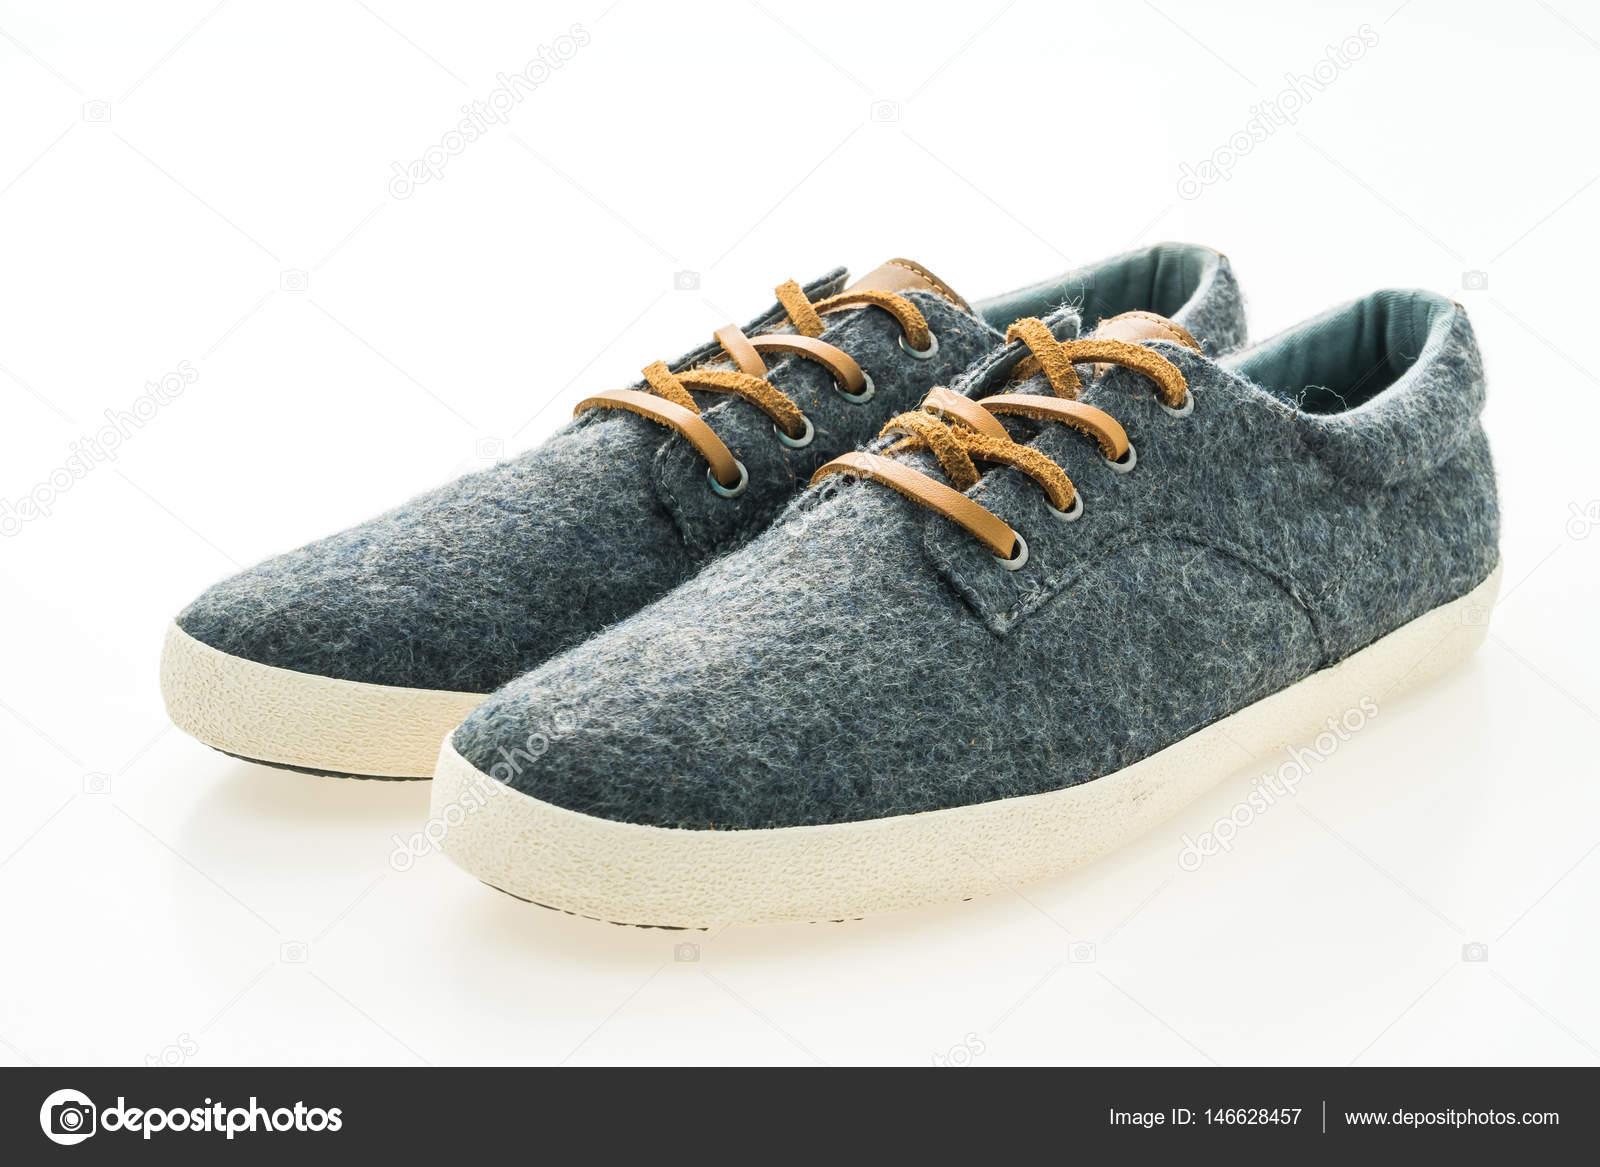 f6cc2bec6 sapatos da moda masculina — Stock Photo © mrsiraphol #146628457